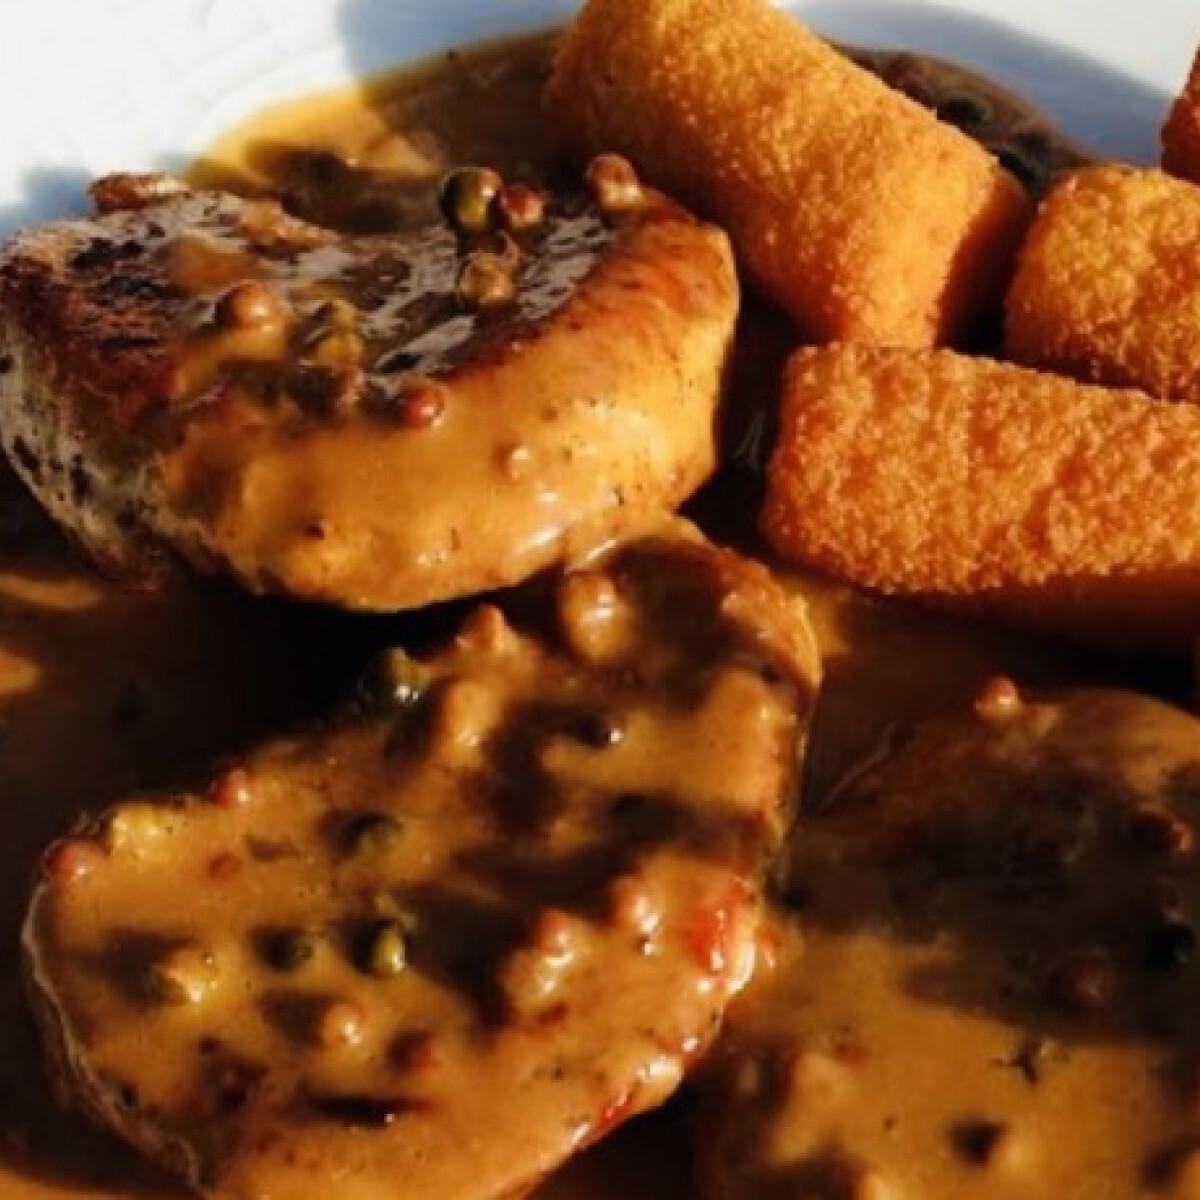 Színes-borsos steak barna mártással